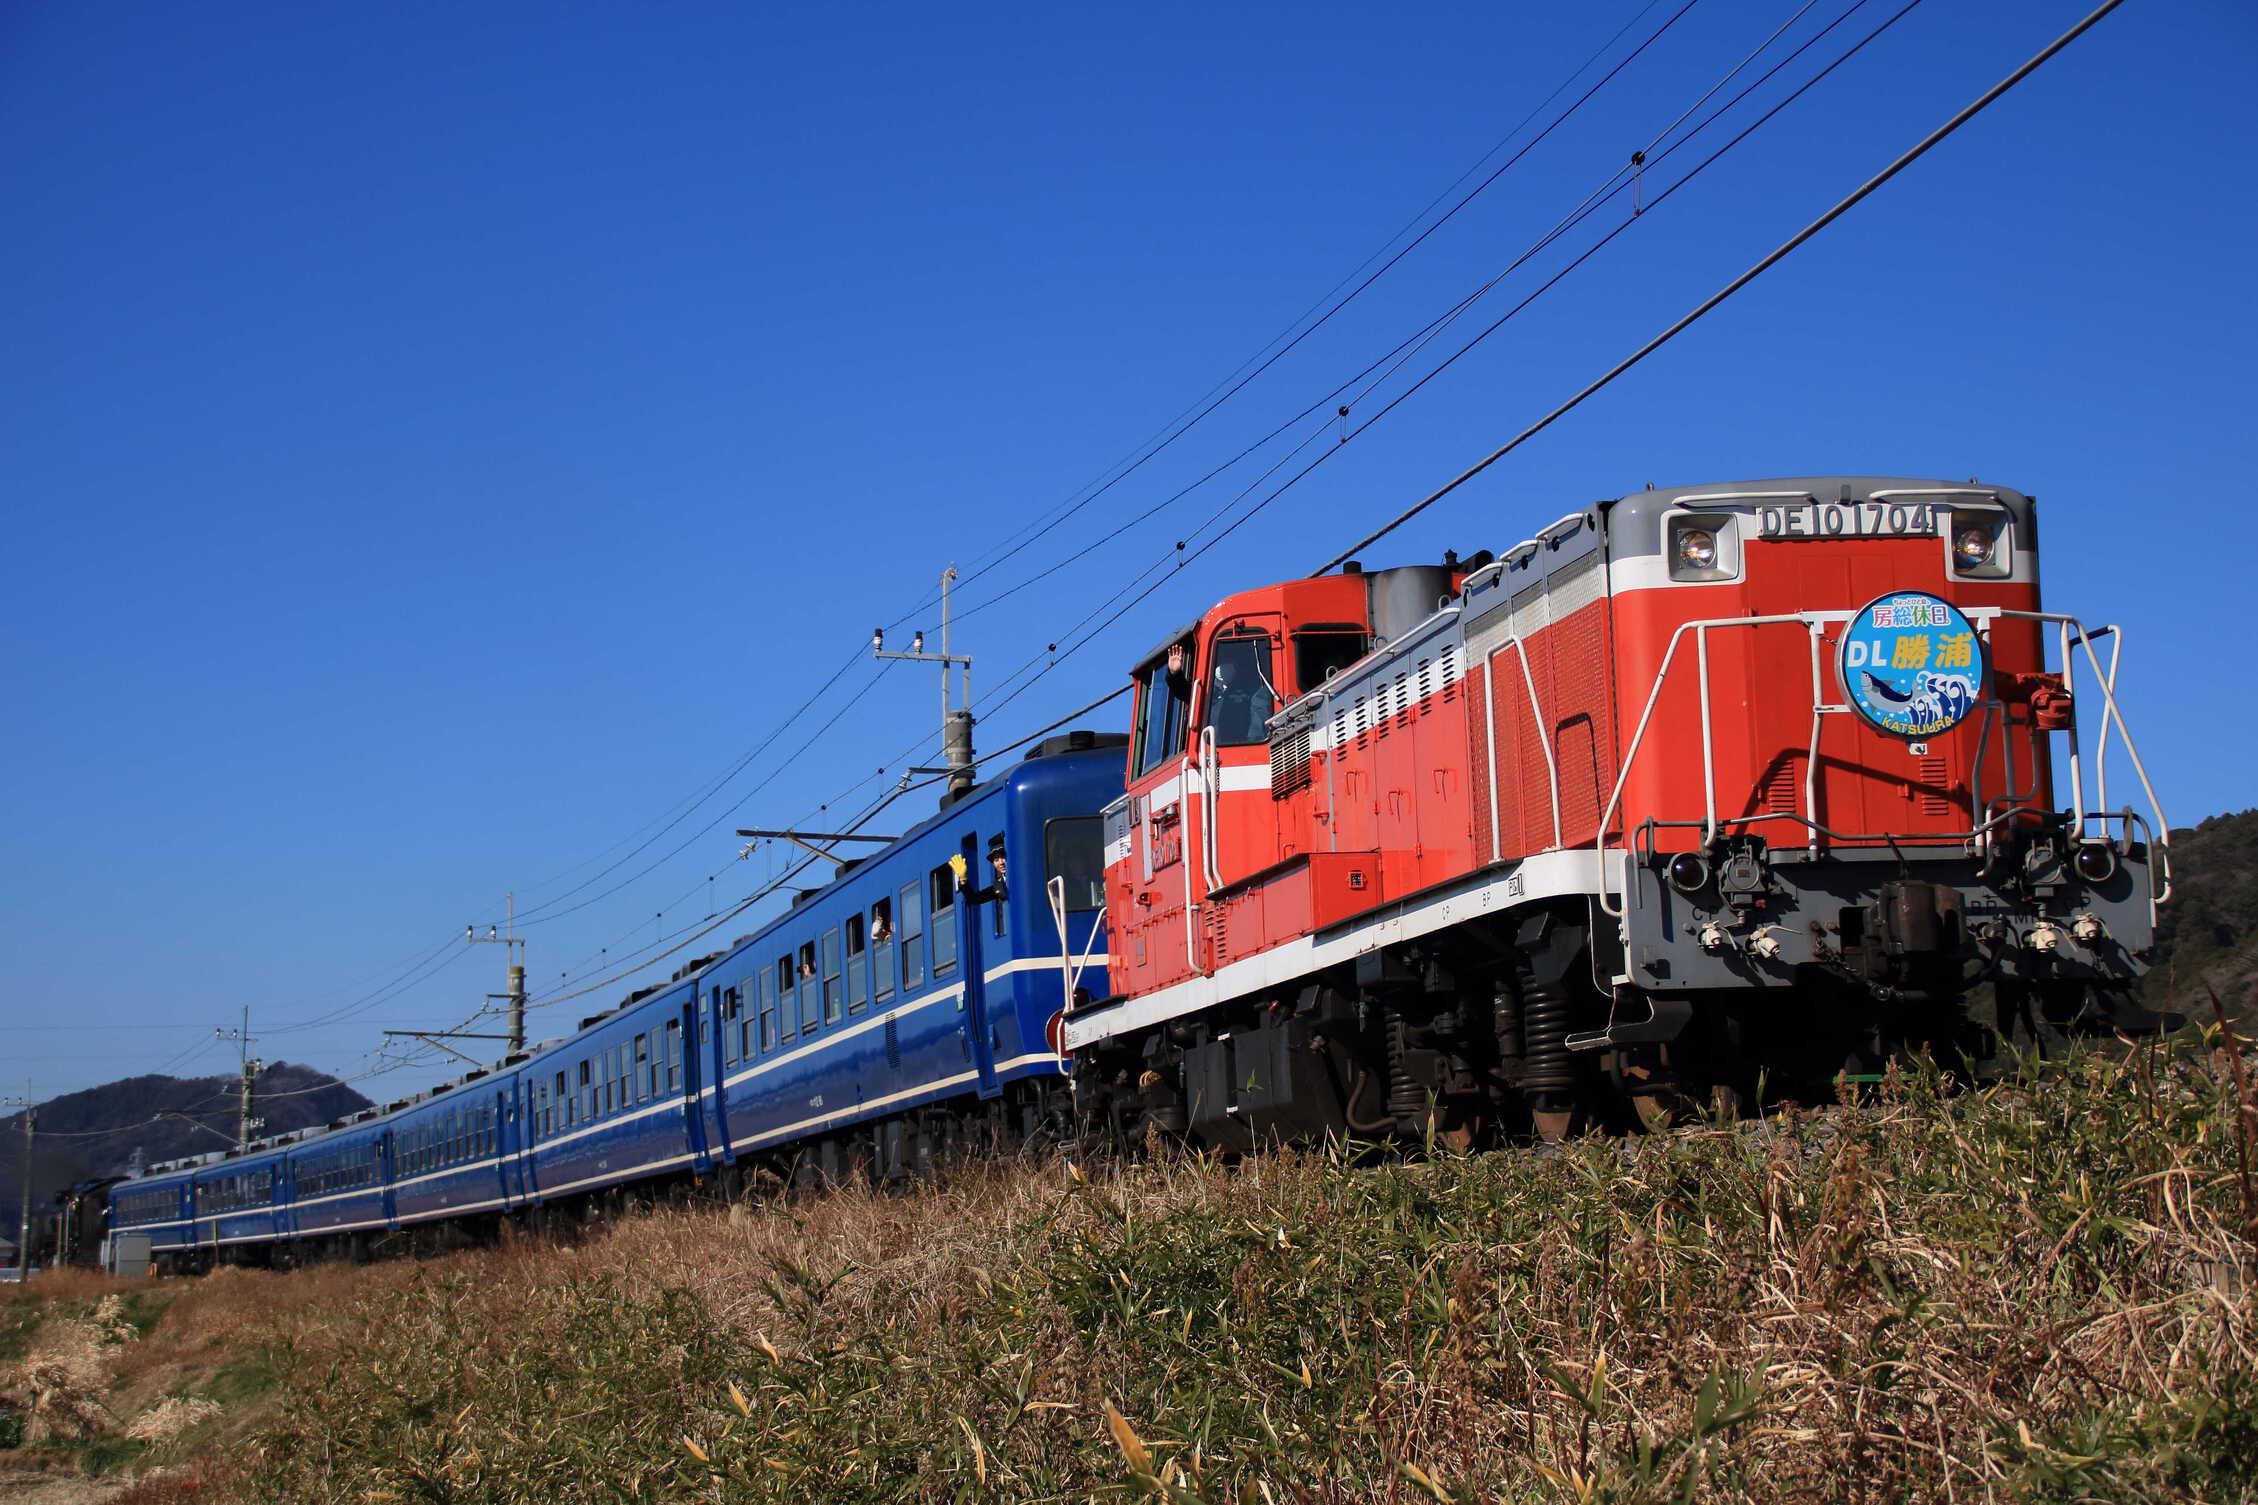 9222列車 快速 DL勝浦 DE10-1704[宇]<臨A111>+12系 高タカ車6両(オヤ12-1込み)+D51-498[高]<臨A582>